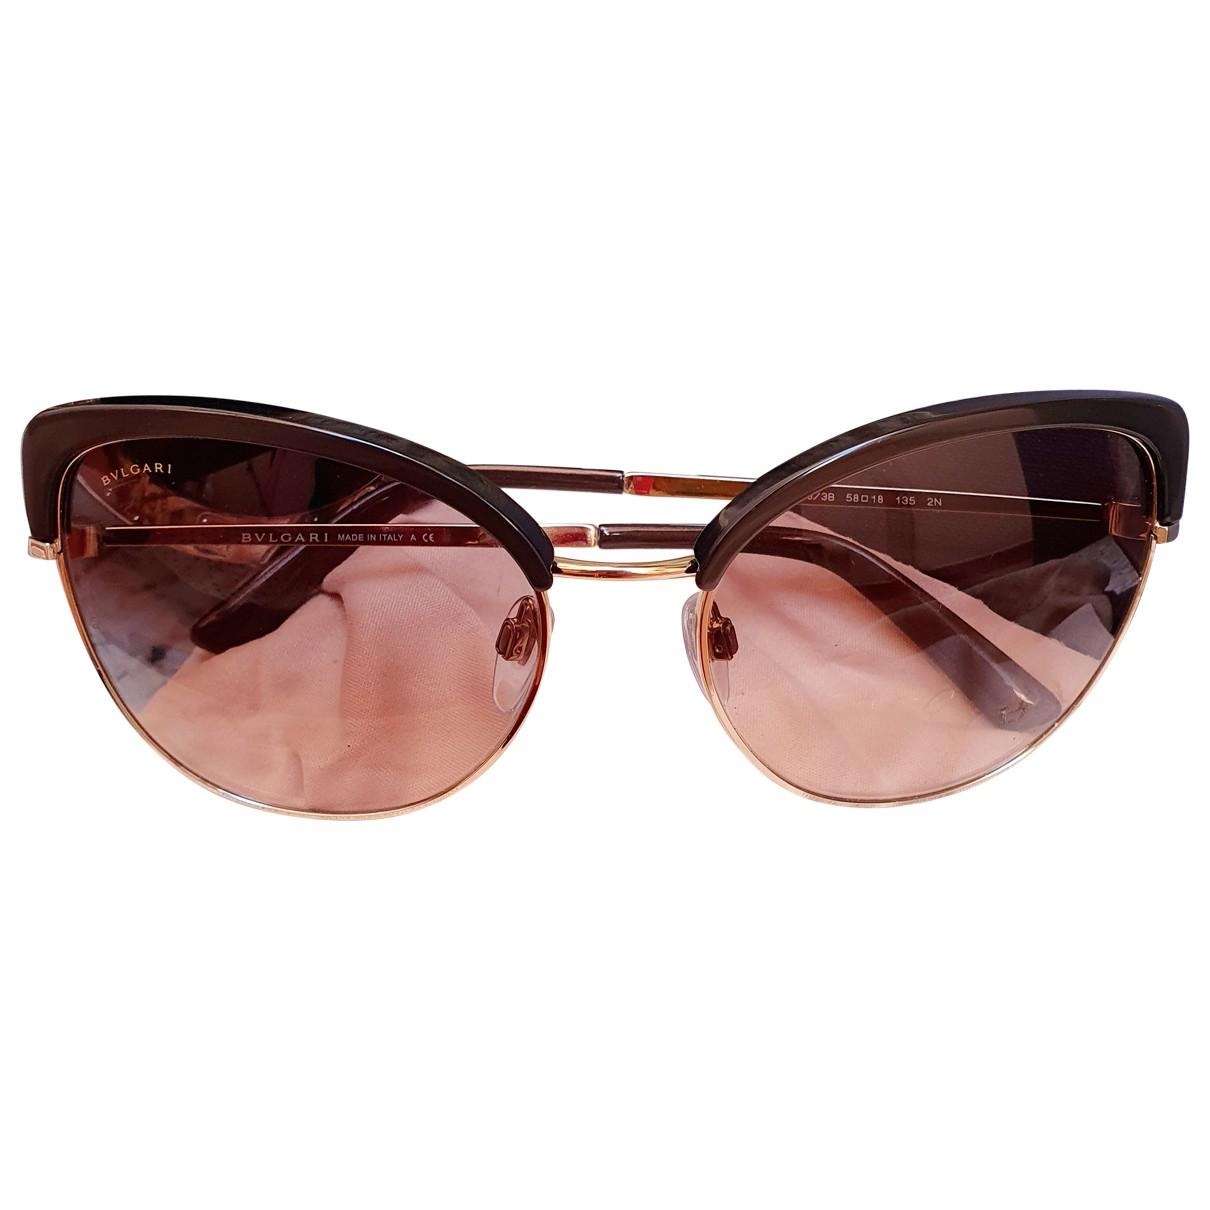 Bvlgari \N Silver Metal Sunglasses for Women \N